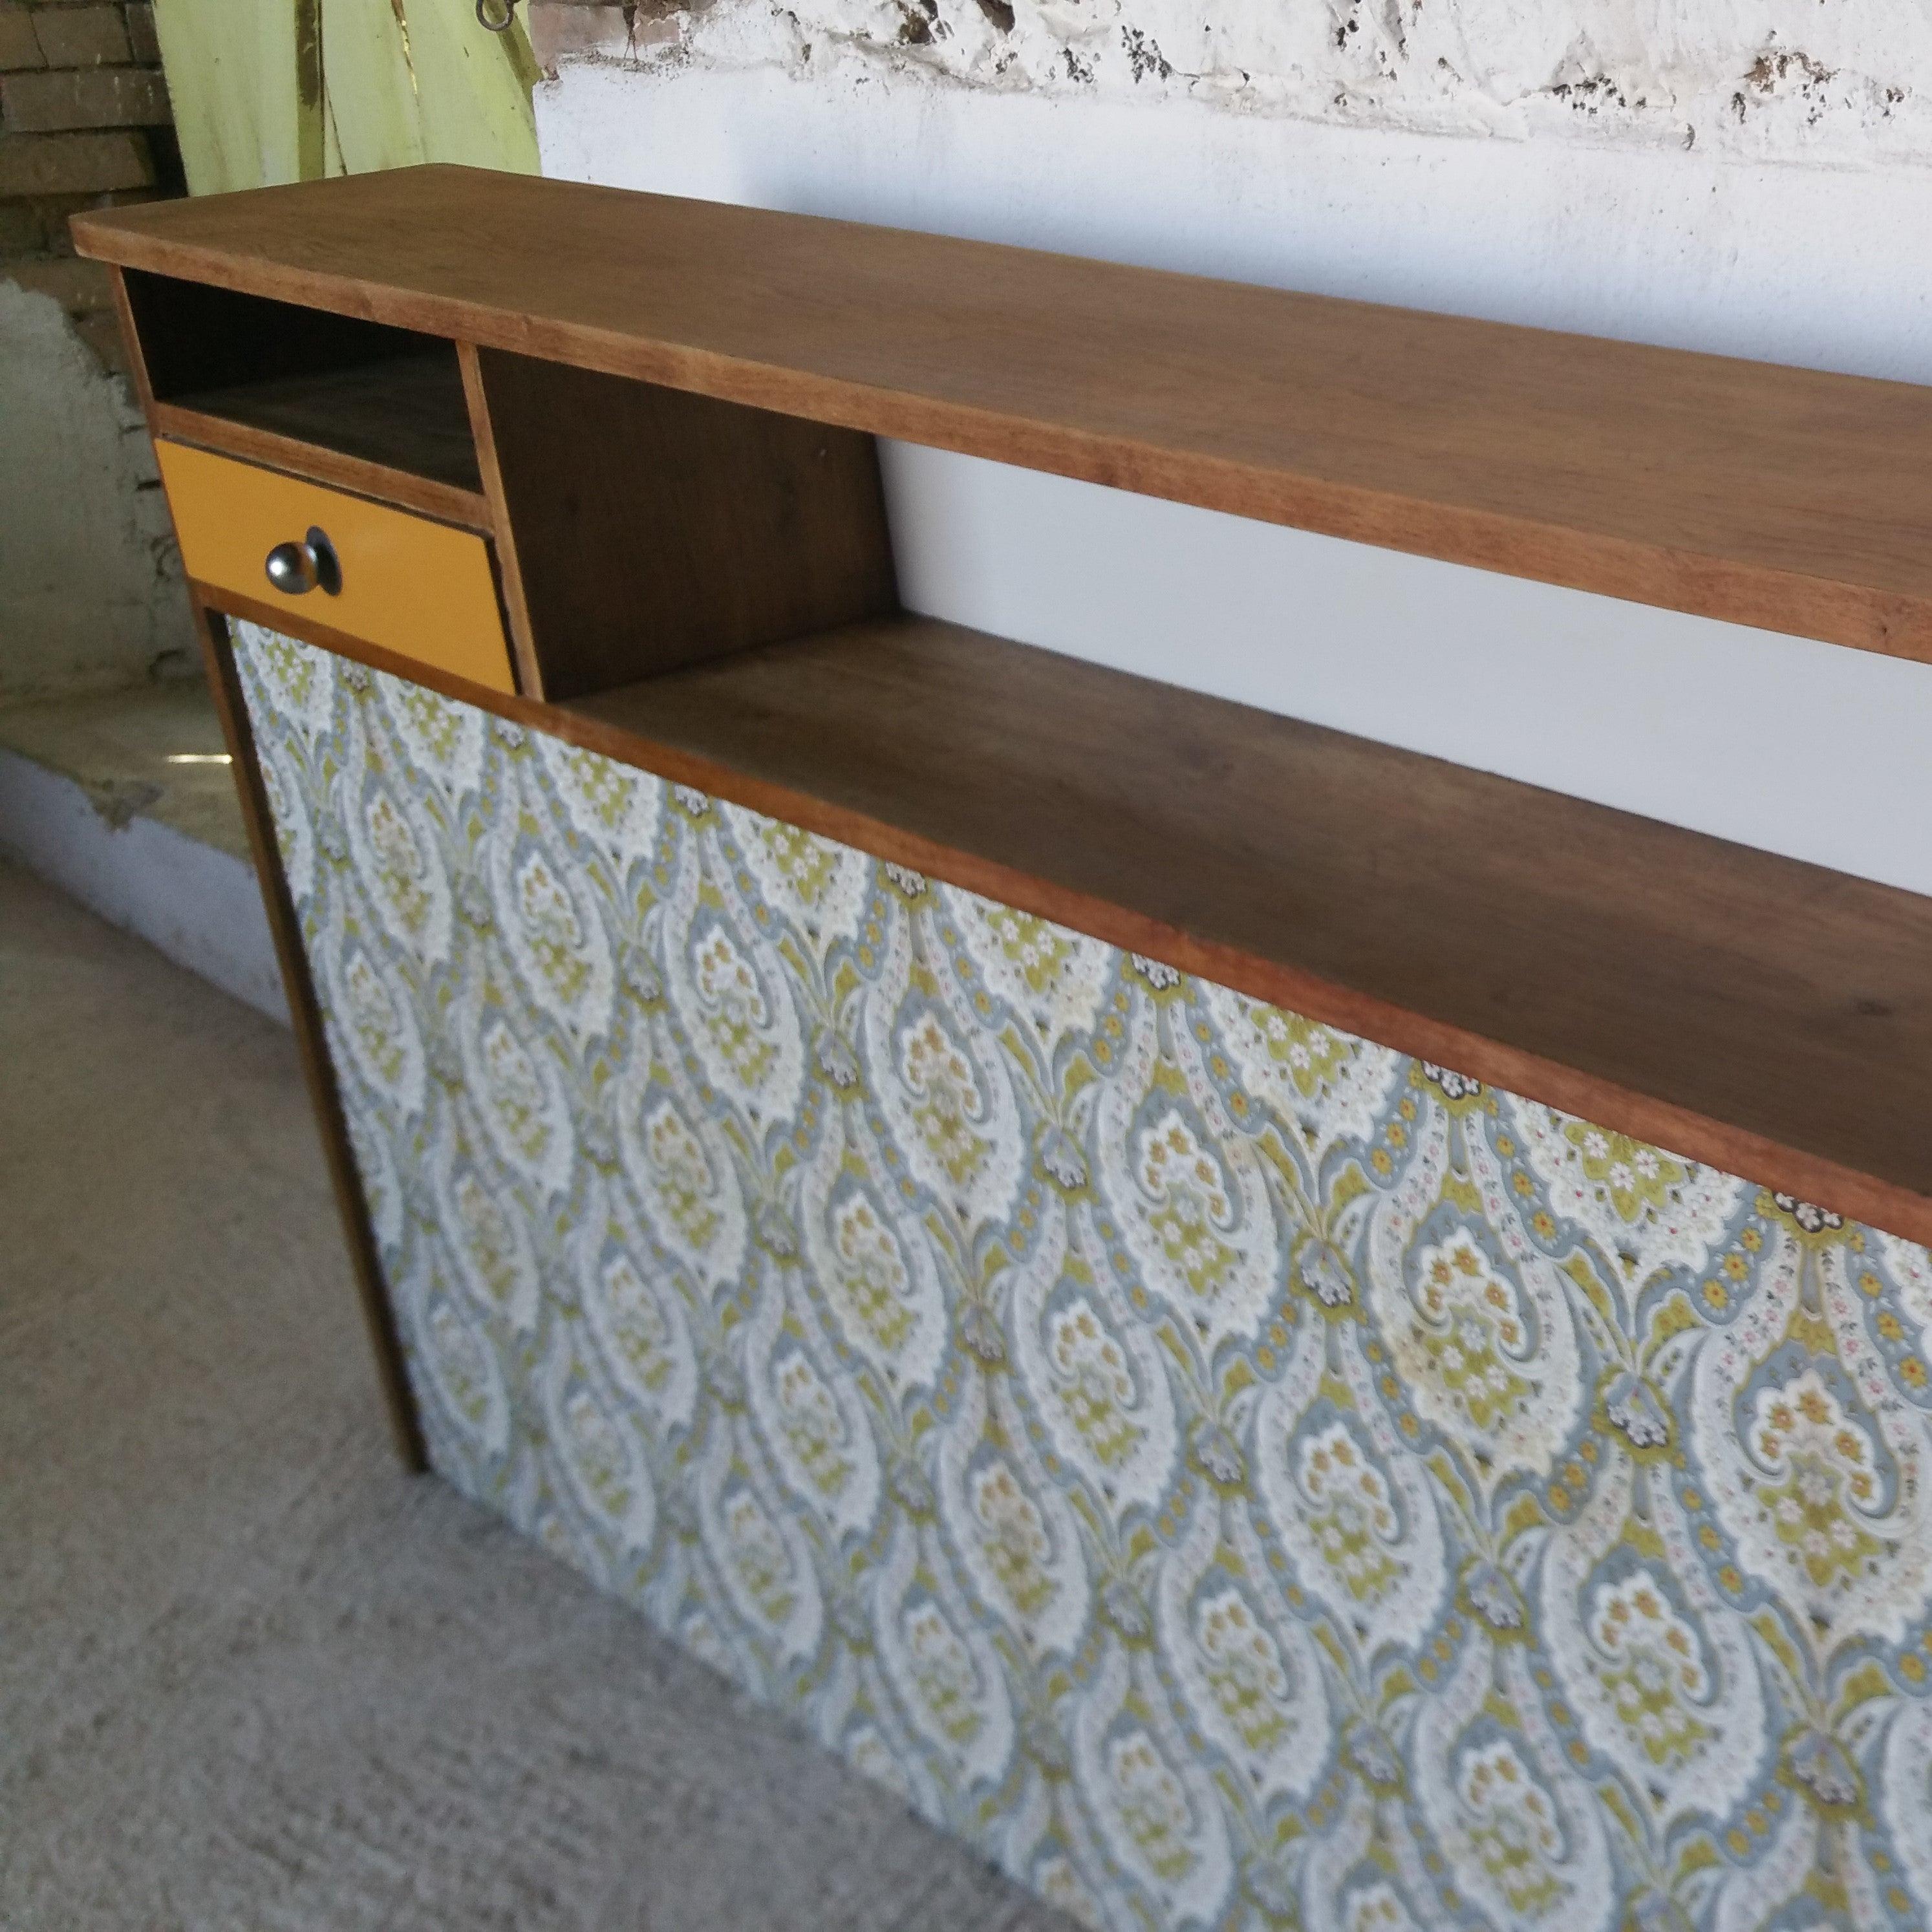 ancienne t te de lit cosy revue fibresendeco vannerie artisanale mobilier vintage. Black Bedroom Furniture Sets. Home Design Ideas